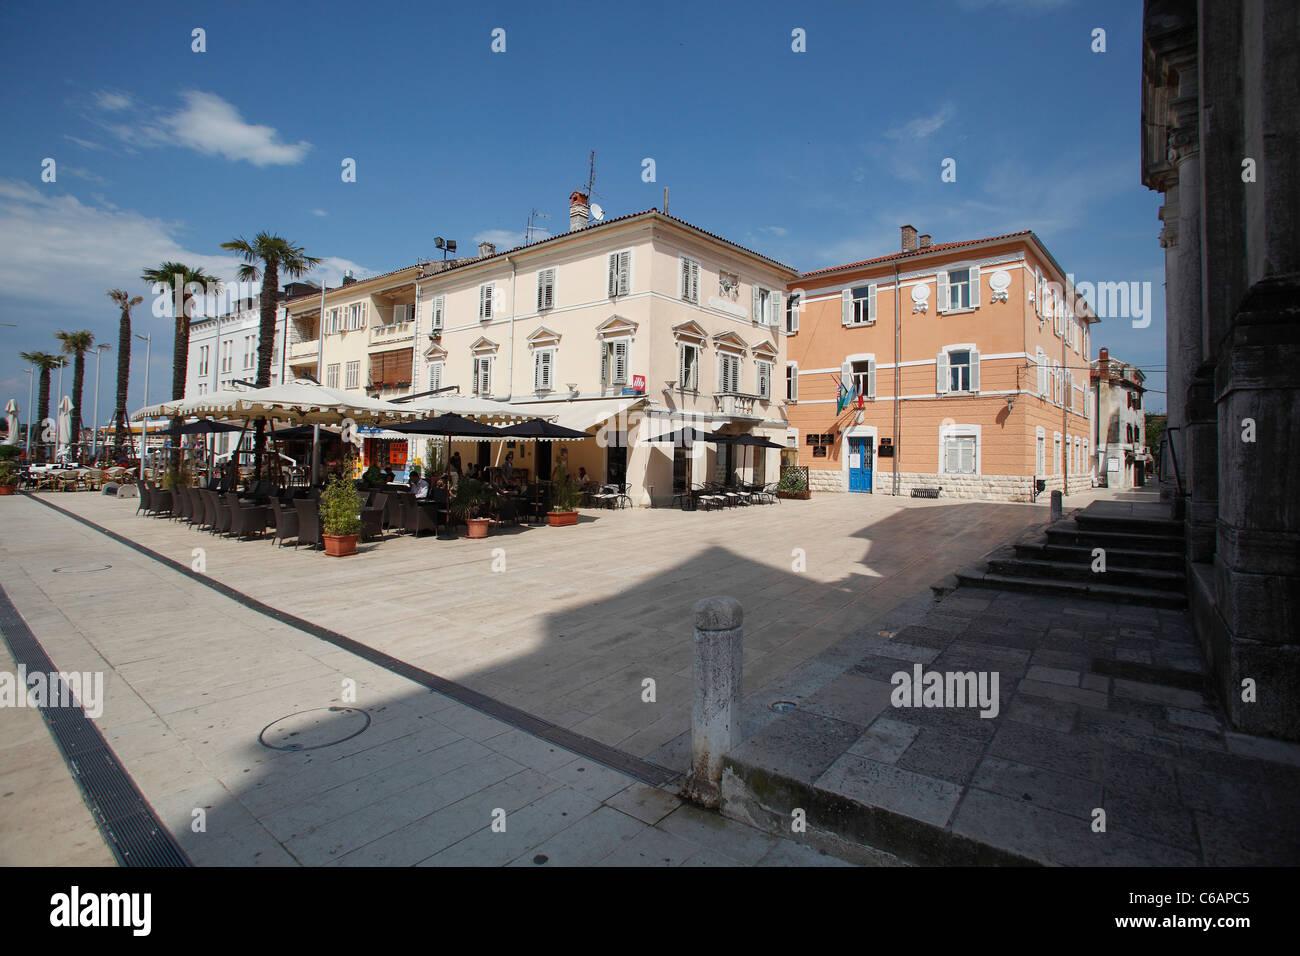 Piazza Slobode Liberta in Umag,Croatia - Stock Image